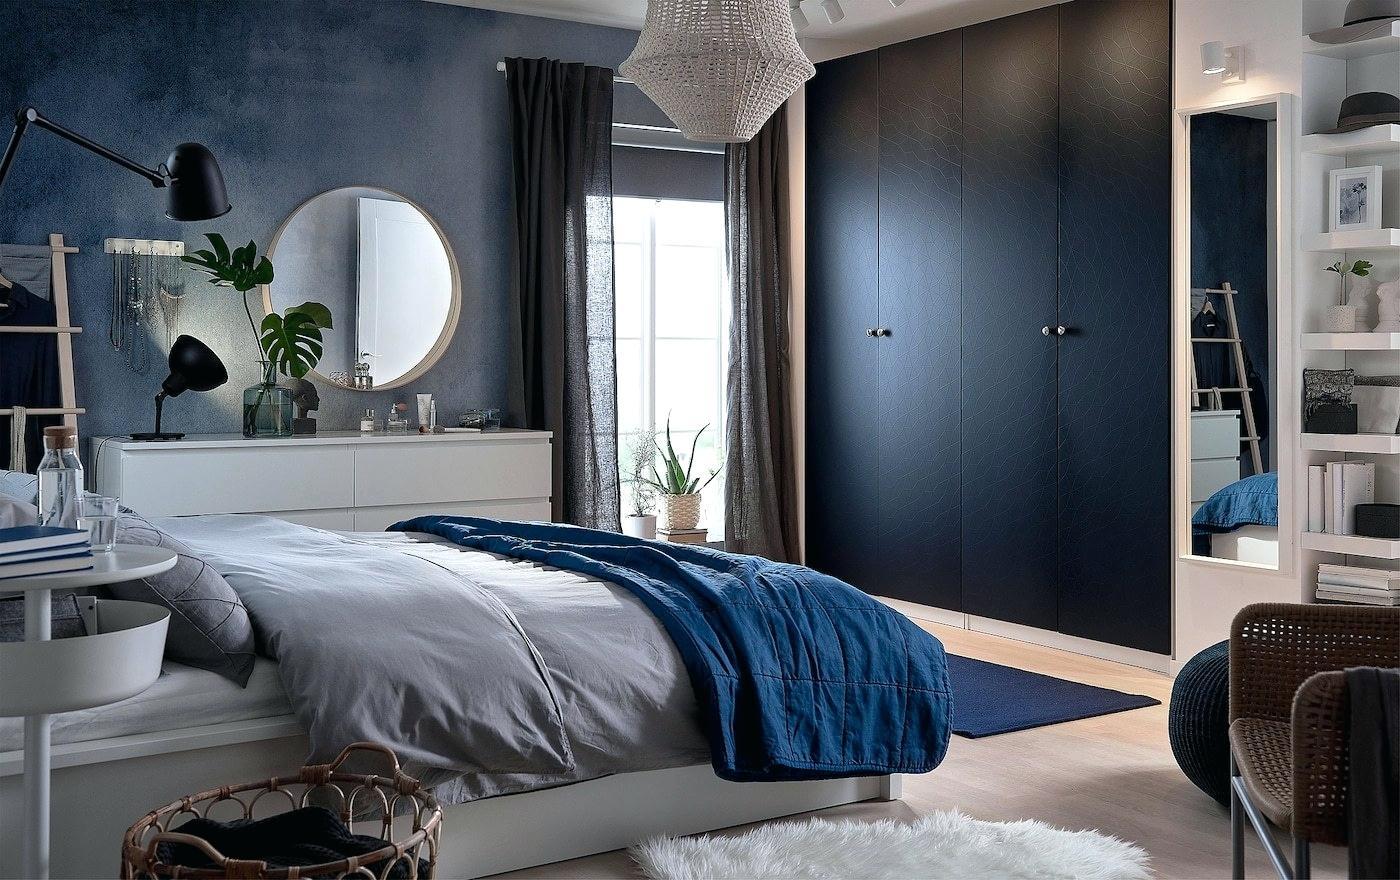 Full Size of Ikea Schlafzimmer Ideen Kleine Deko Klein Einrichtungsideen Besta Pinterest Günstige Komplett Günstig Guenstig Teppich Wandleuchte Weiss Stehlampe Wohnzimmer Ikea Schlafzimmer Ideen